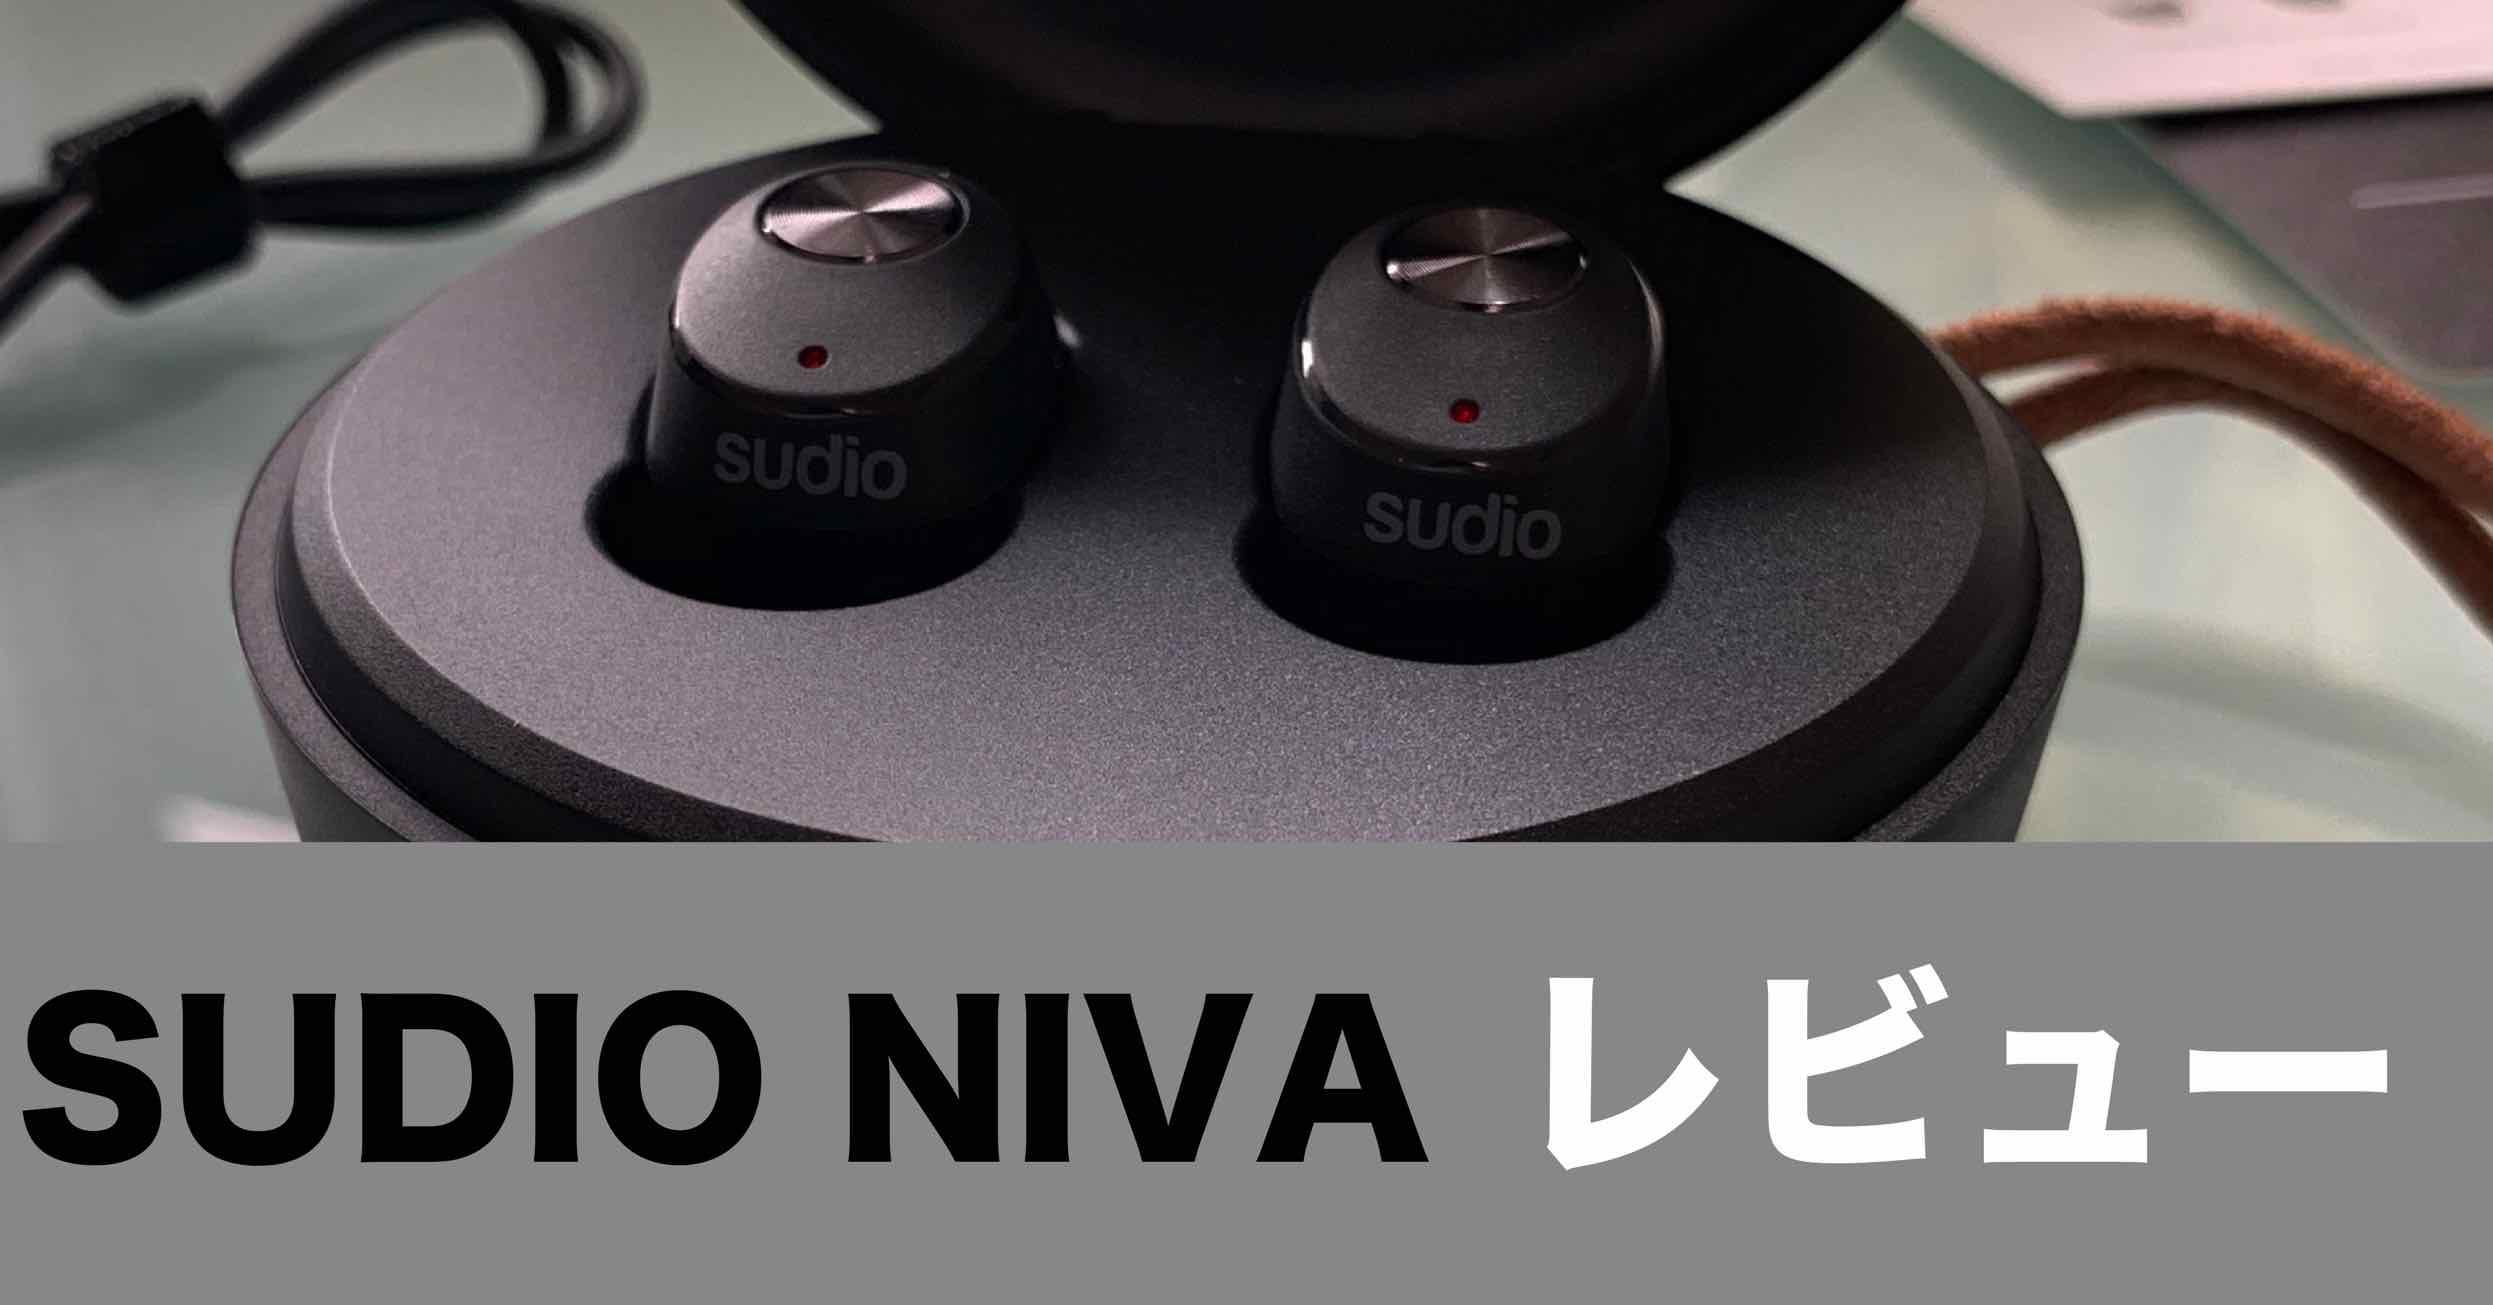 北欧デザインのオシャレなワイヤレスイヤホン、SUDIOのNIVÅをレビュー